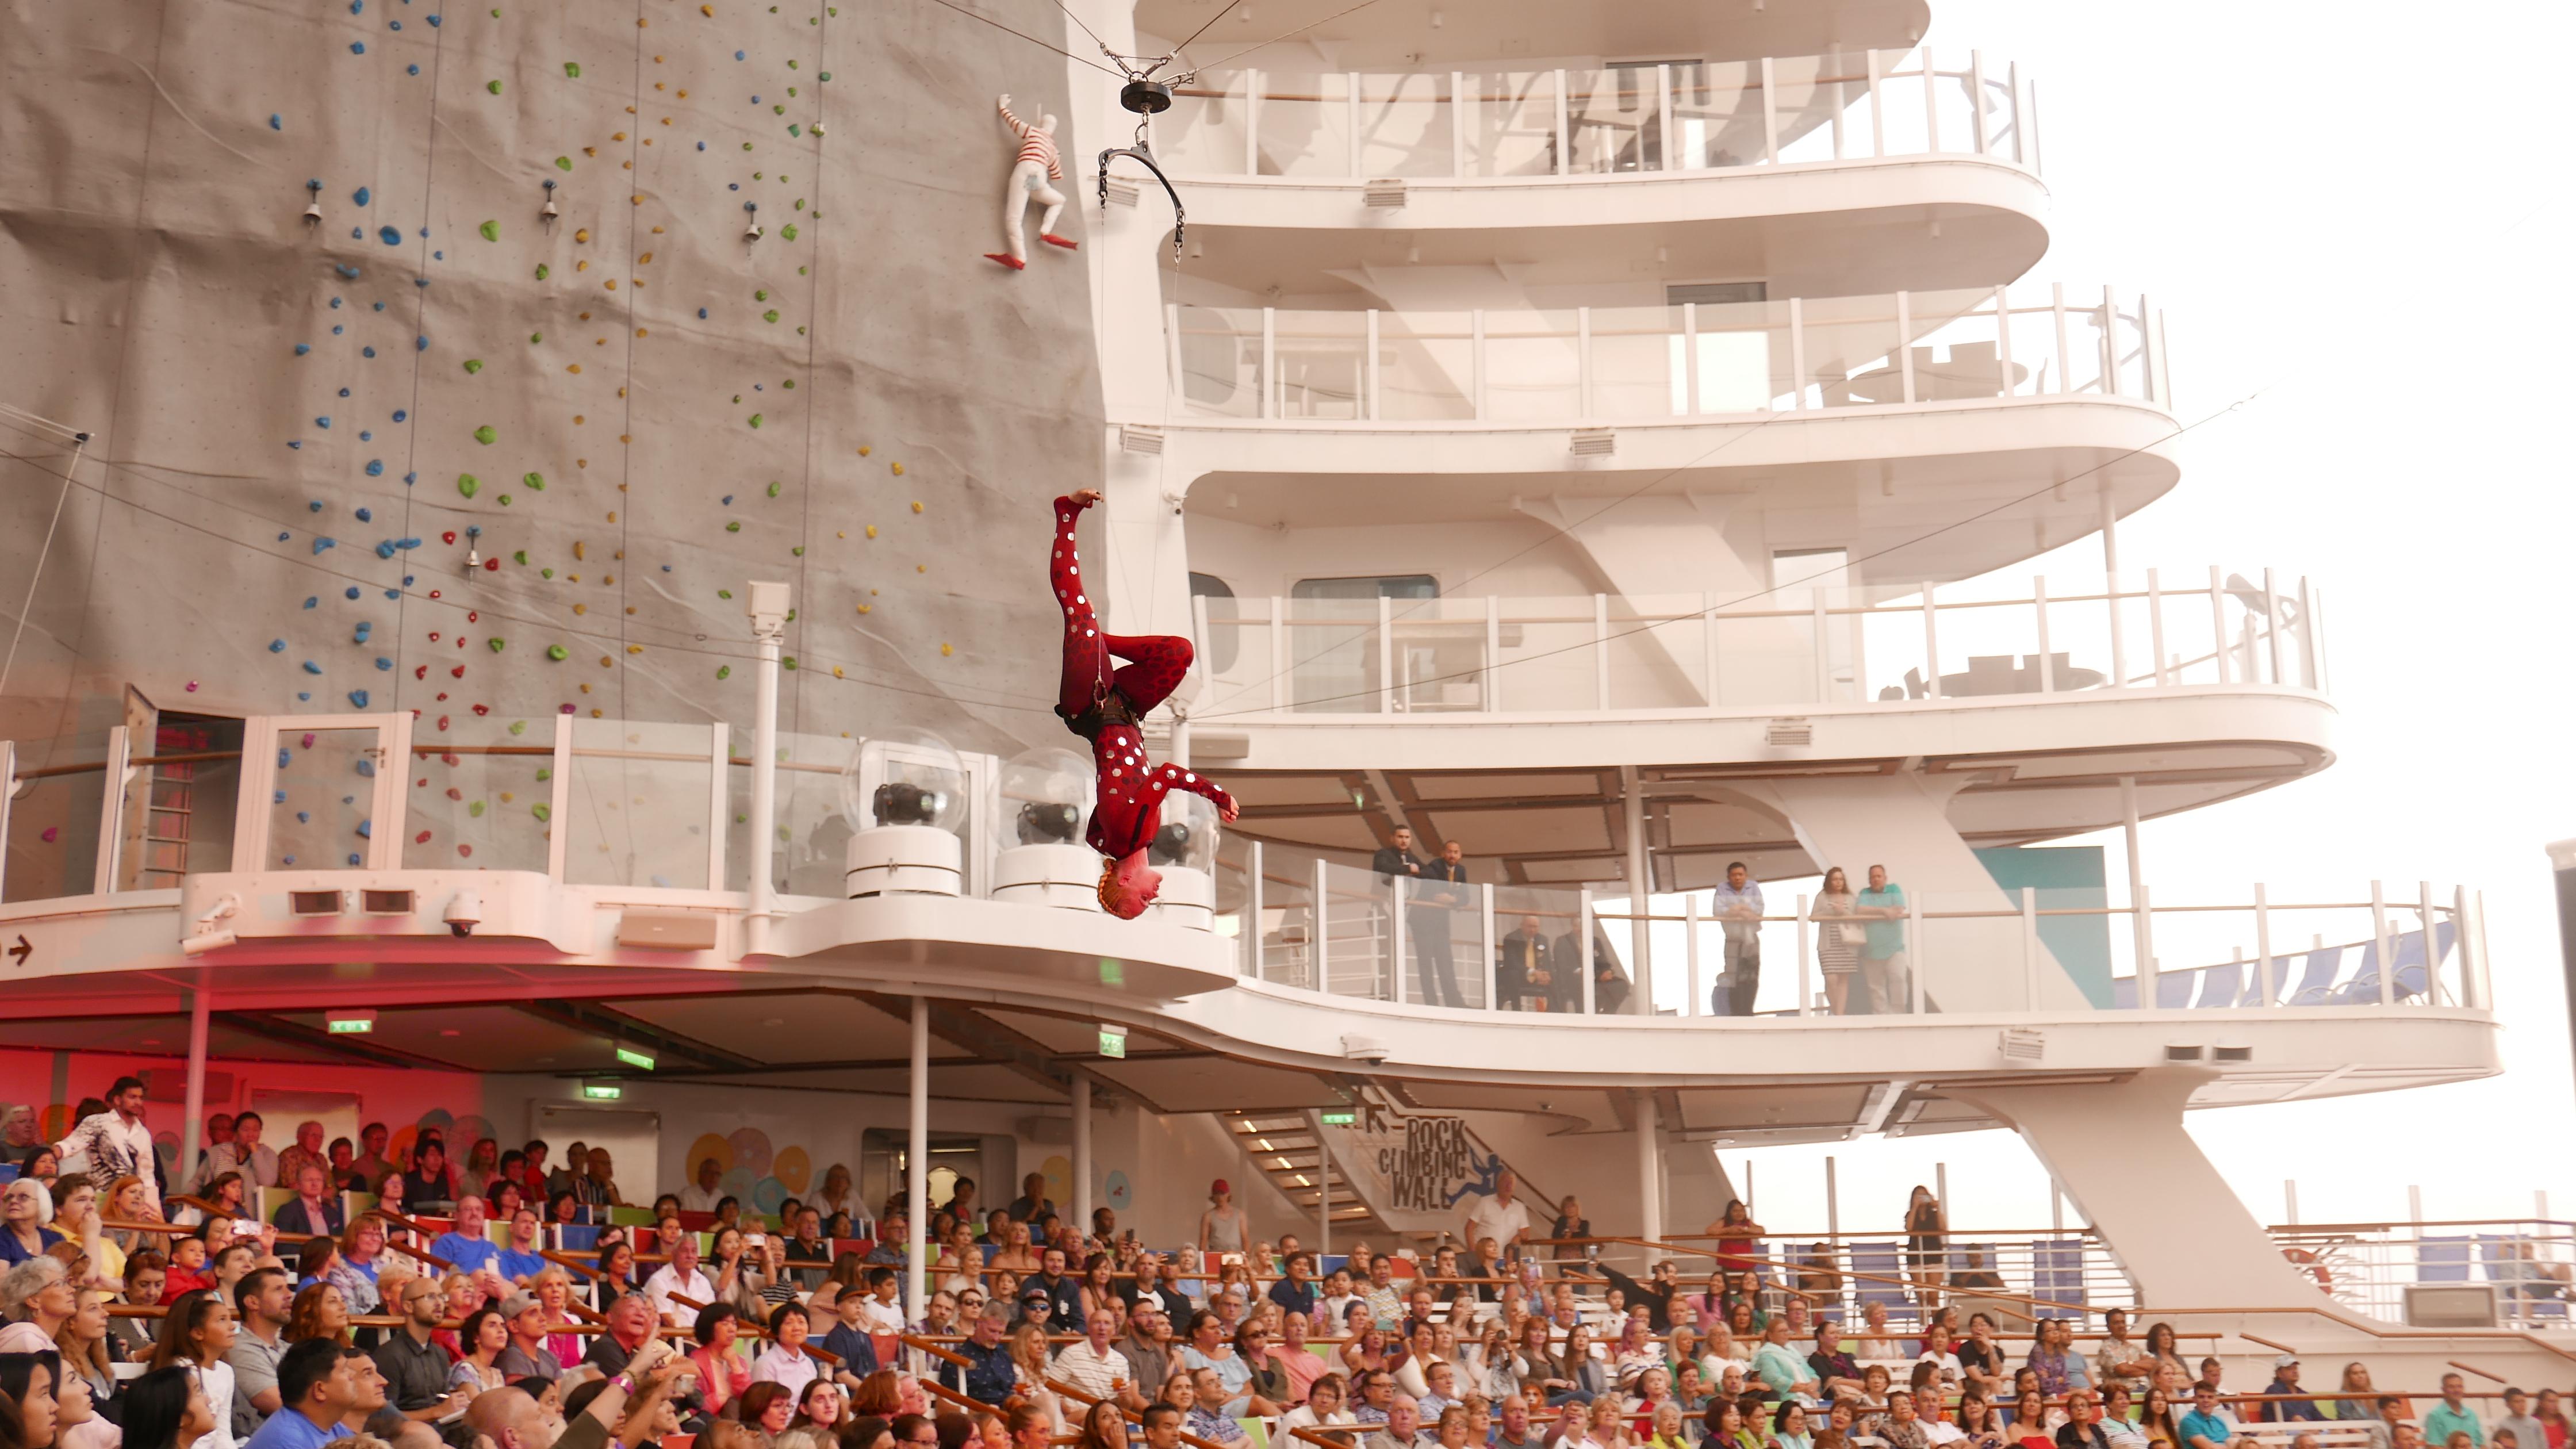 Det er ingenting å si på underholdningstilbudet om bord. Du kan velge mellom alt fra musikaler til akrobatikk! Foto: Len Kongerud